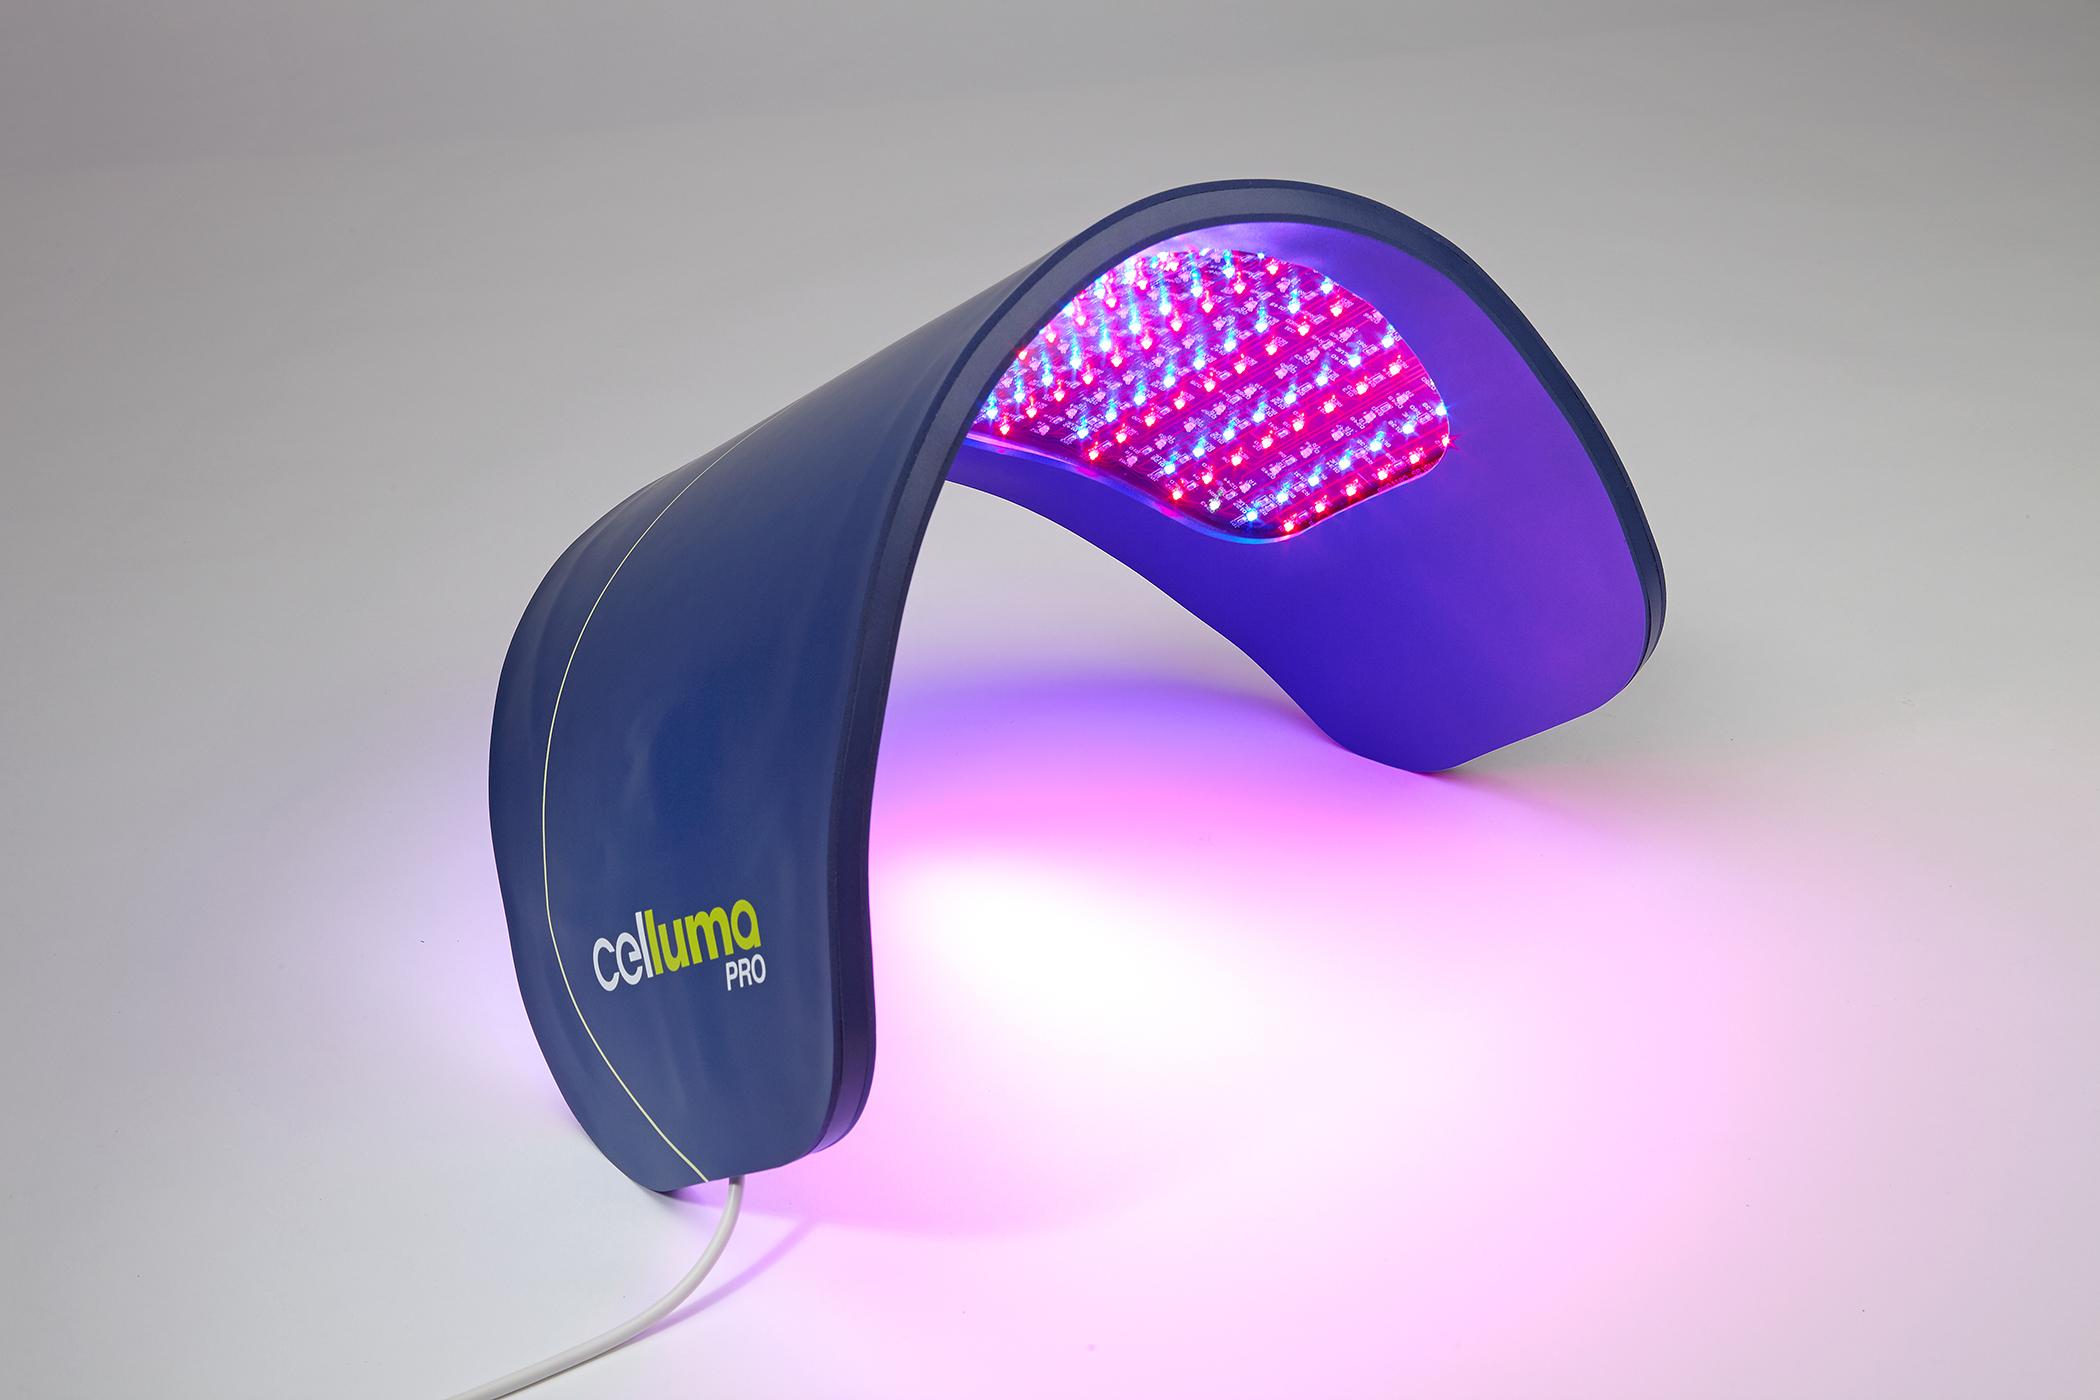 celluma led pro lne online